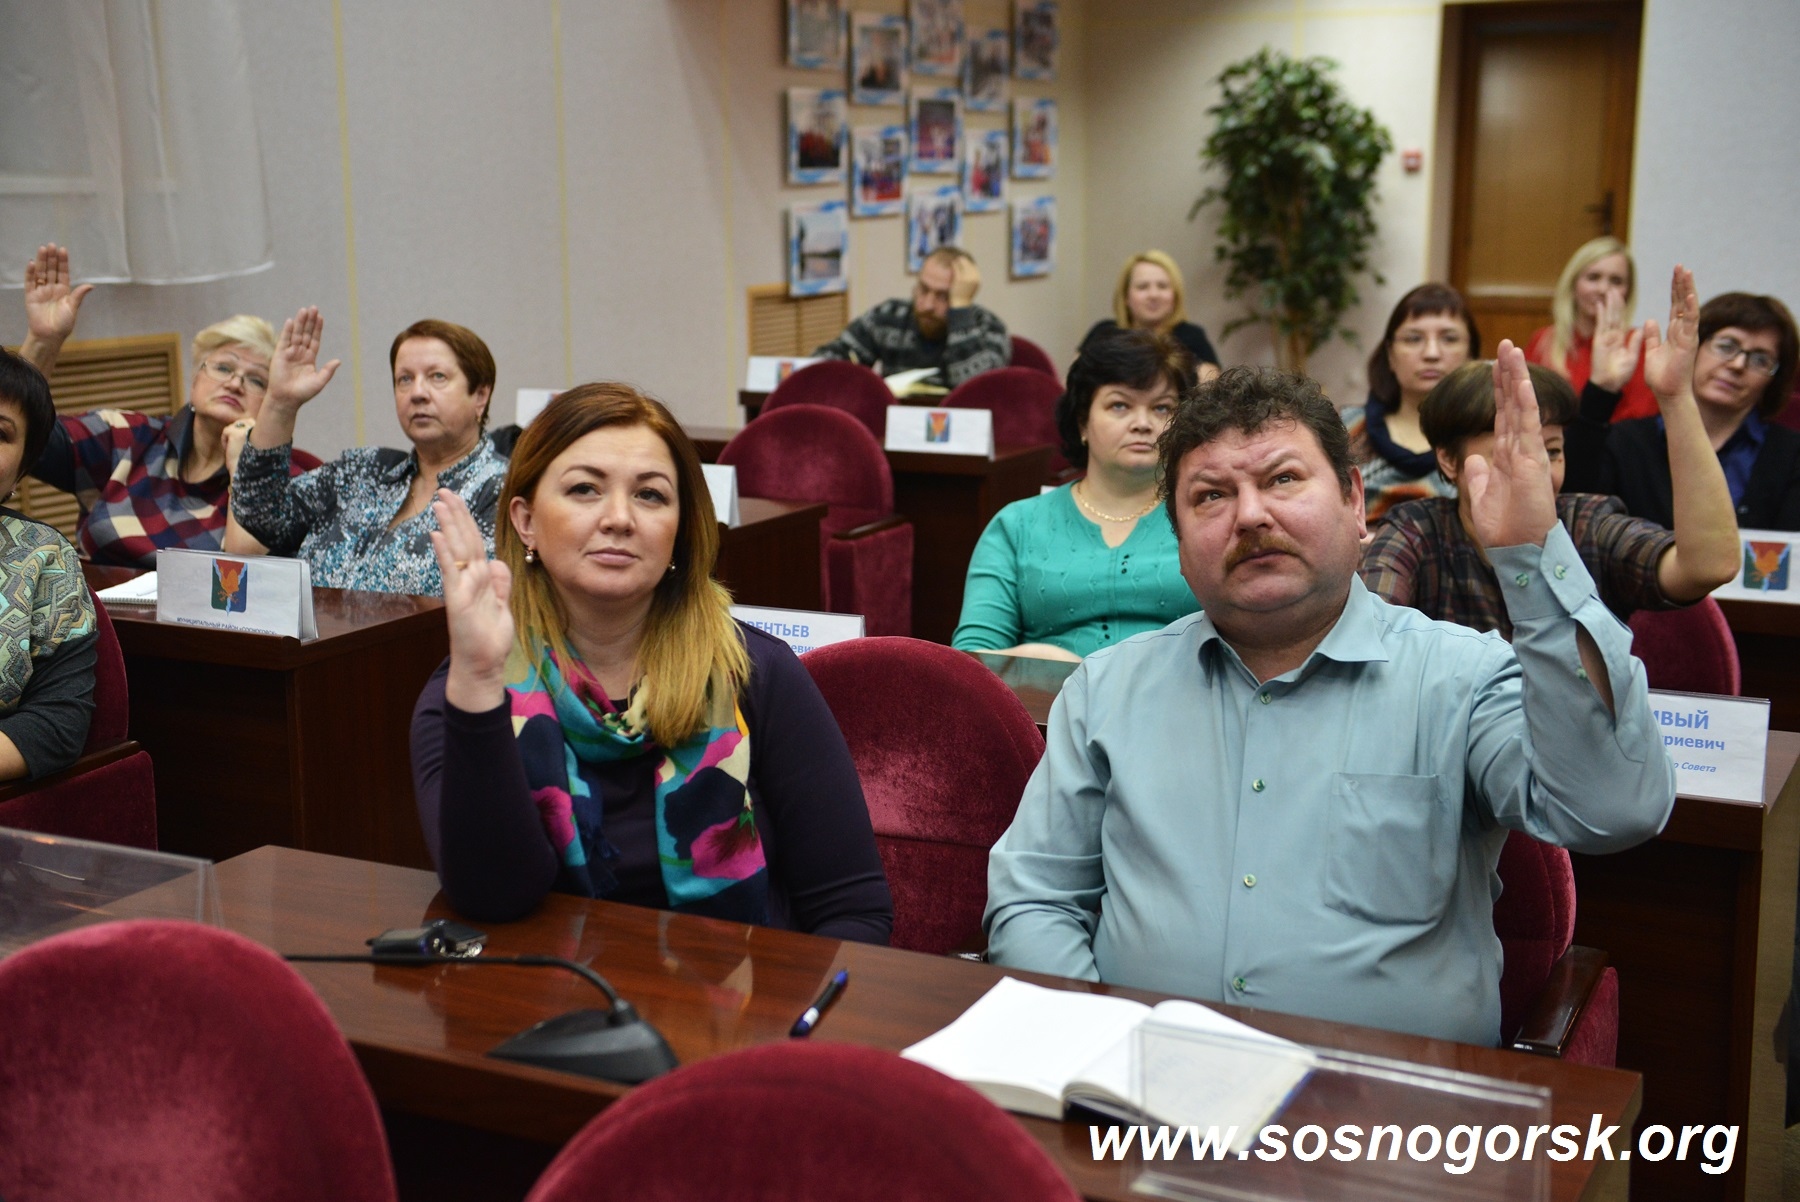 В Сосногорске обсудили вопрос закрепления школ за территориями жилых микрорайонов